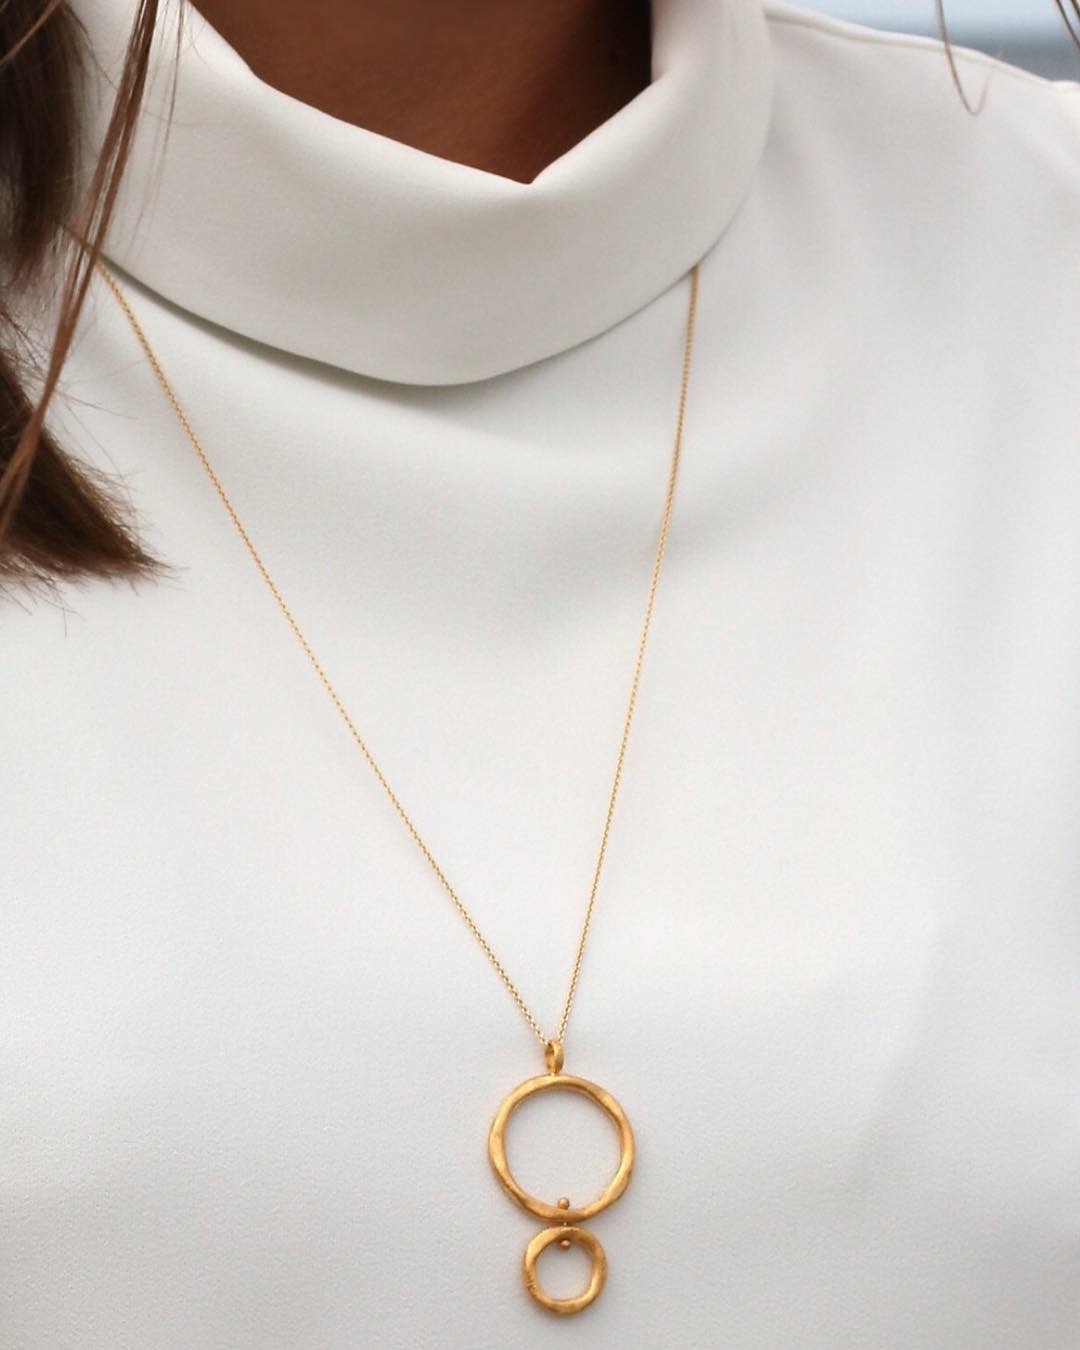 halskæde i sølv fra Mitos til jul